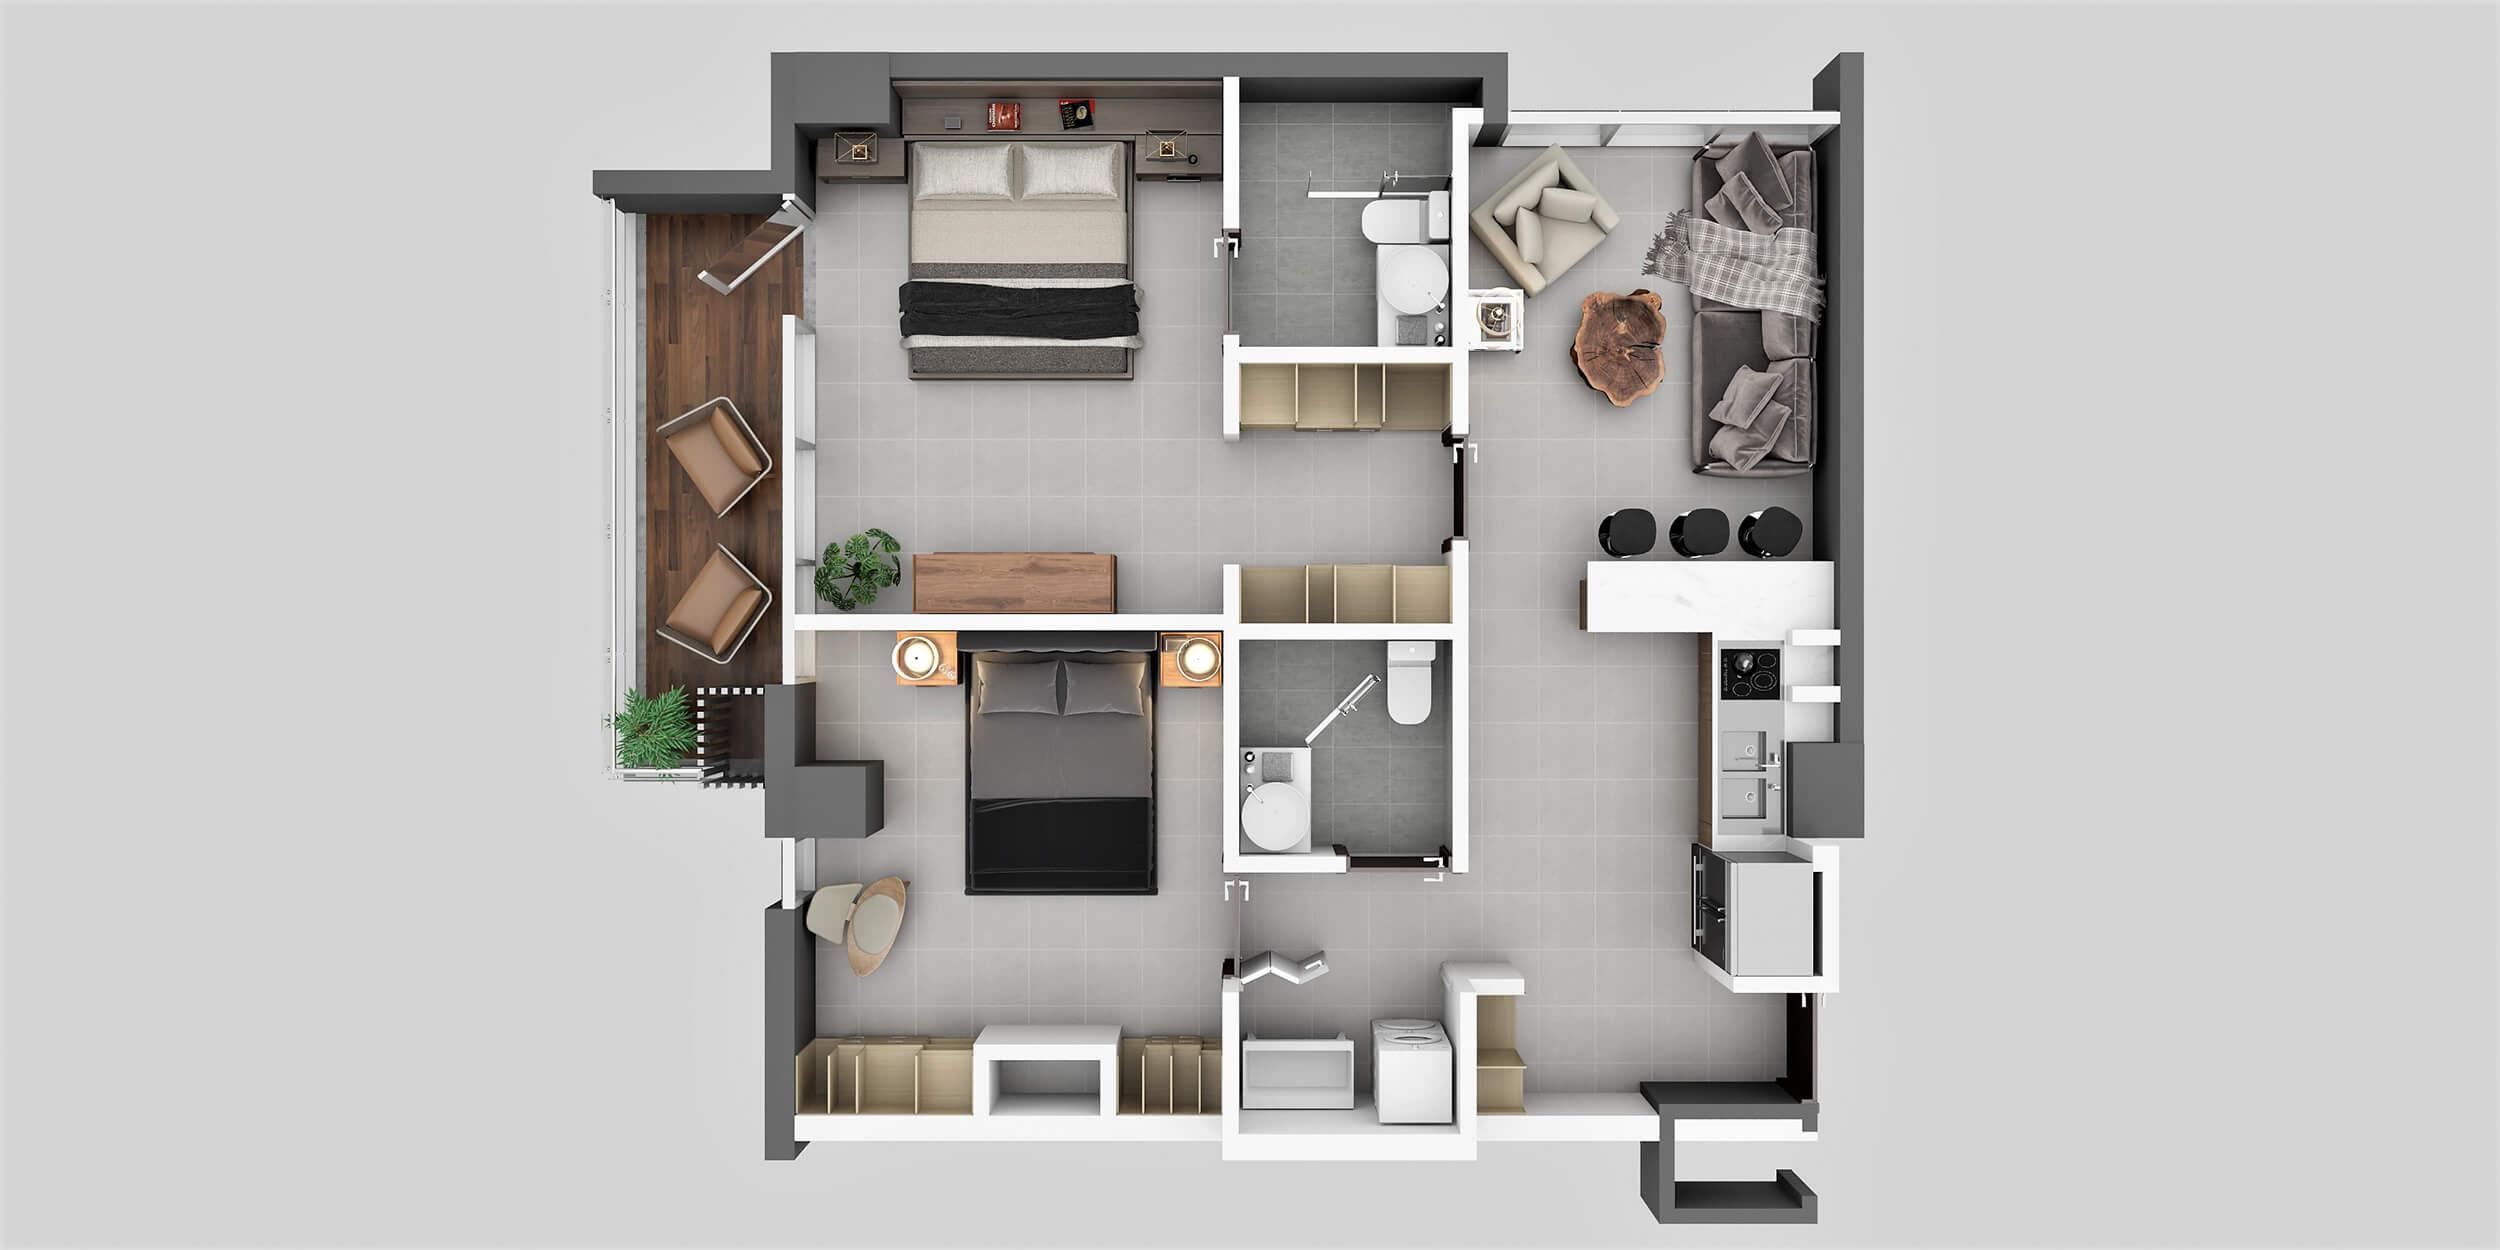 Apartamento Tipo 3A2 Habitaciones